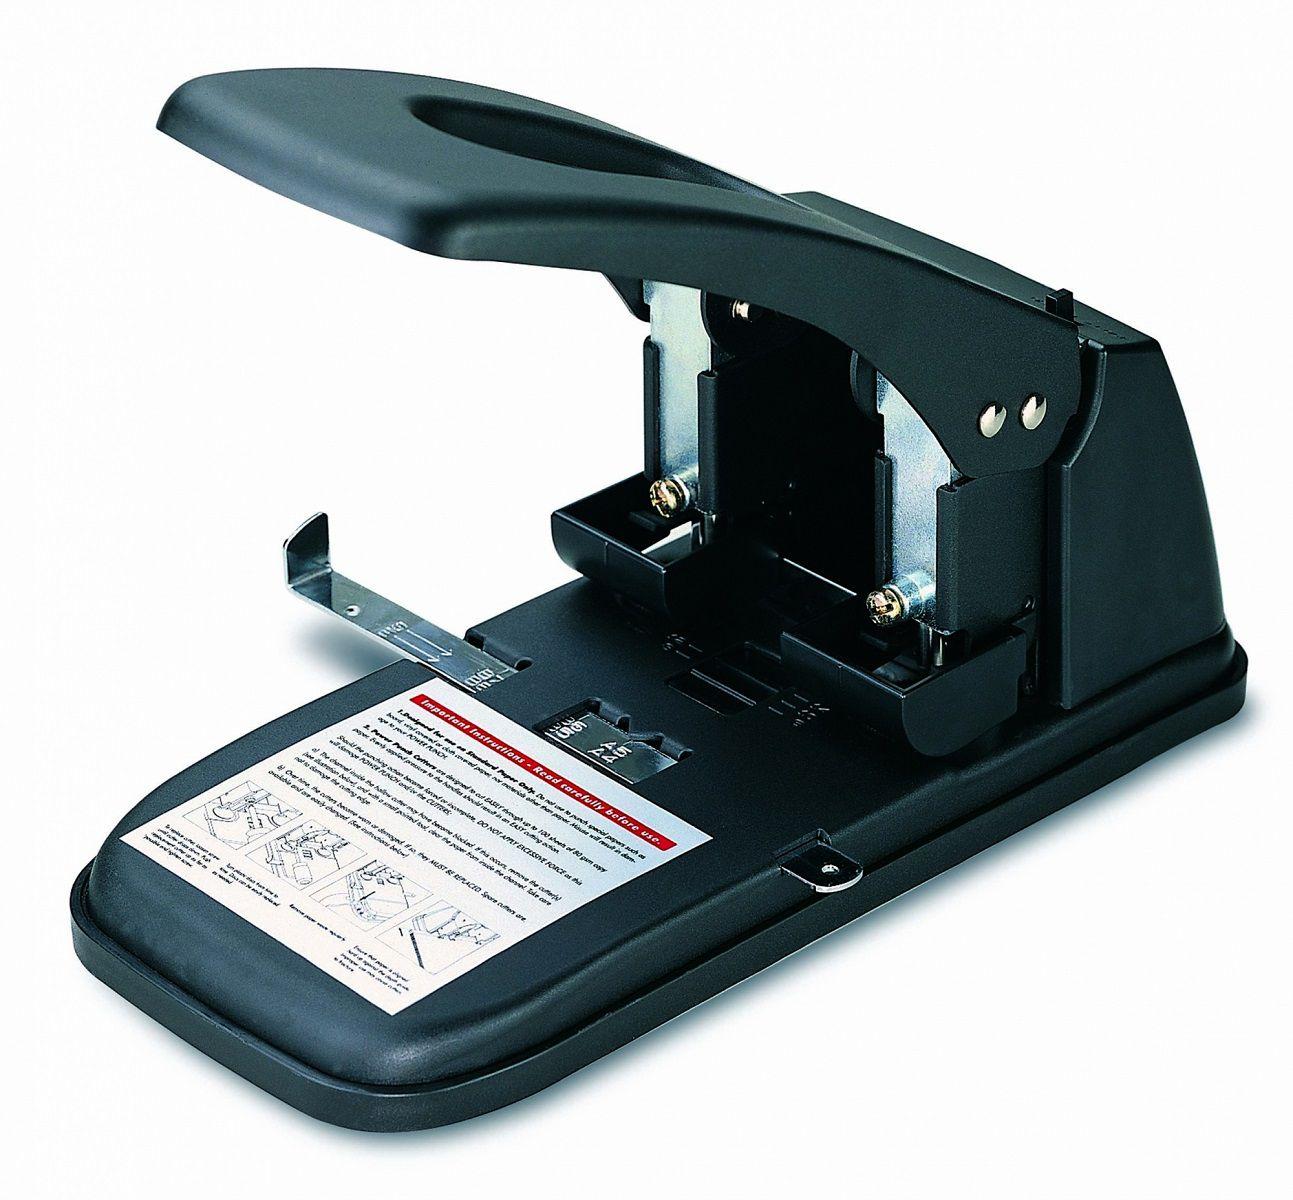 Perfurador de Papel 2 Furos 6mm até 100 Folhas KW-Trio 9380  - Click Suprimentos